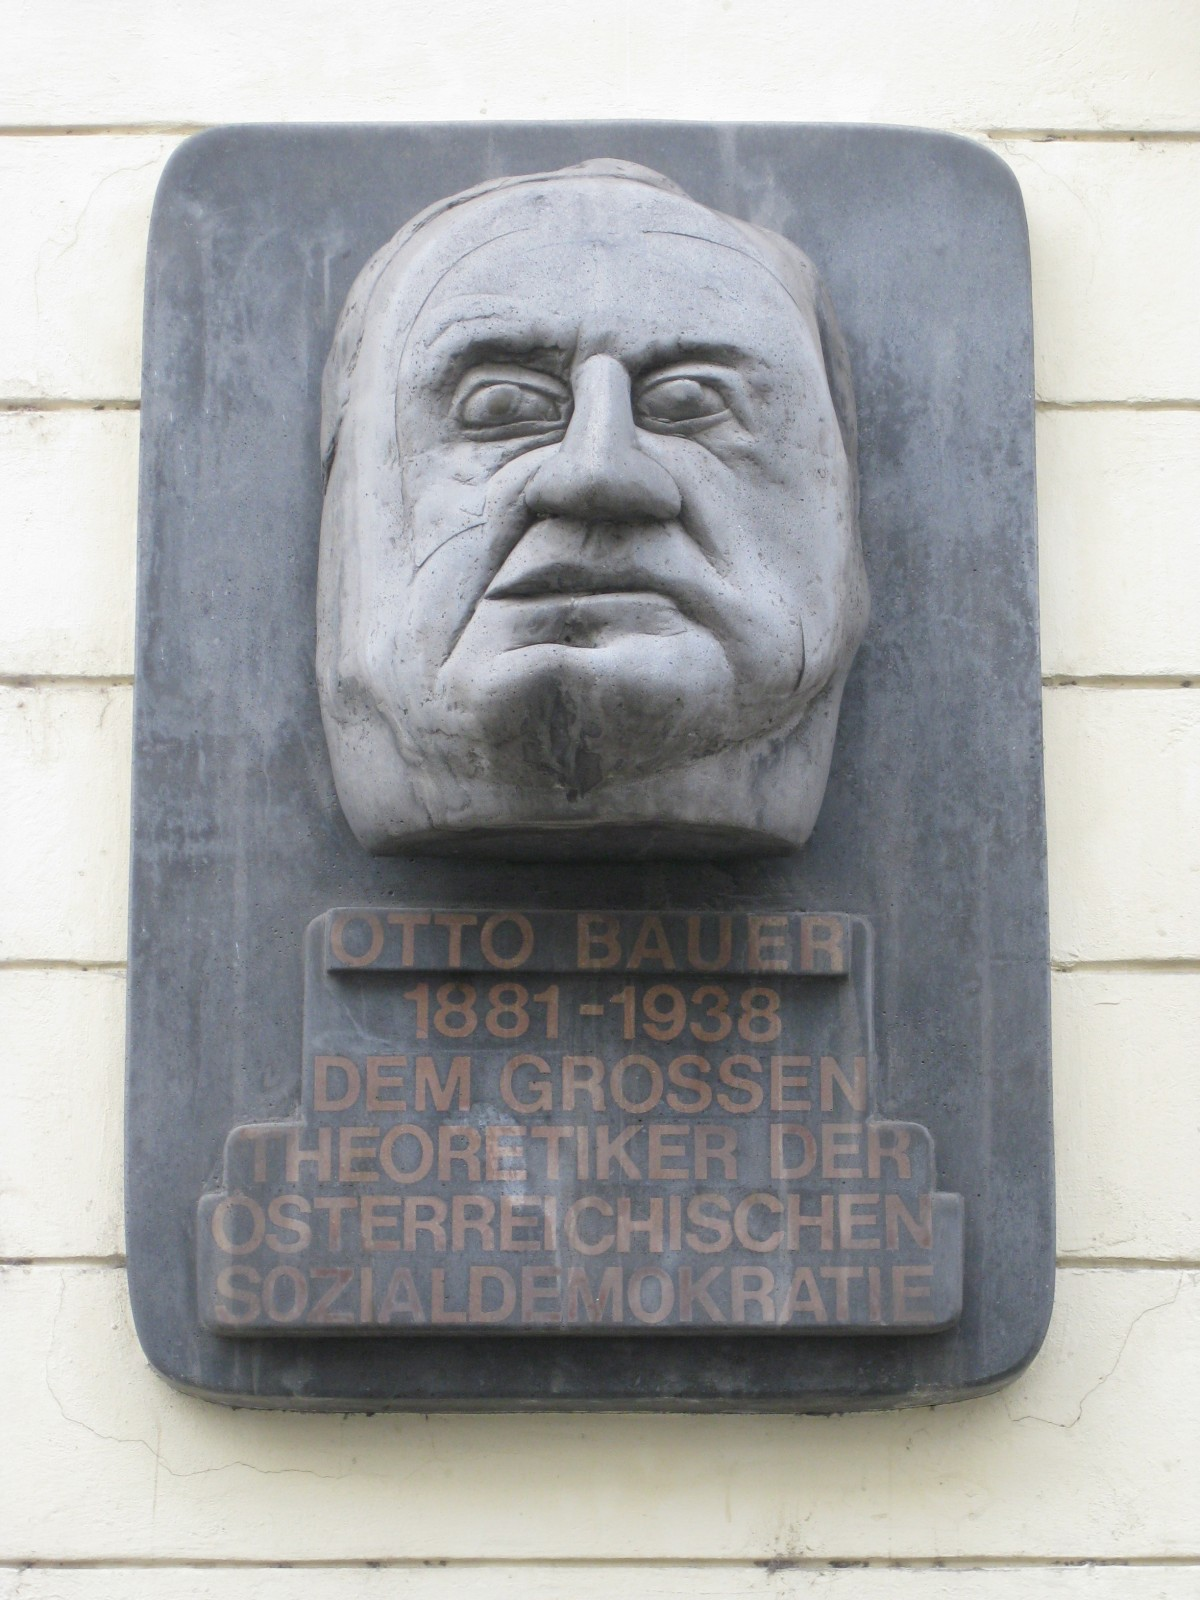 1020 Leopoldsgasse 6-8 - Otto Bauer-Gedenktafel IMG 8276.jpg